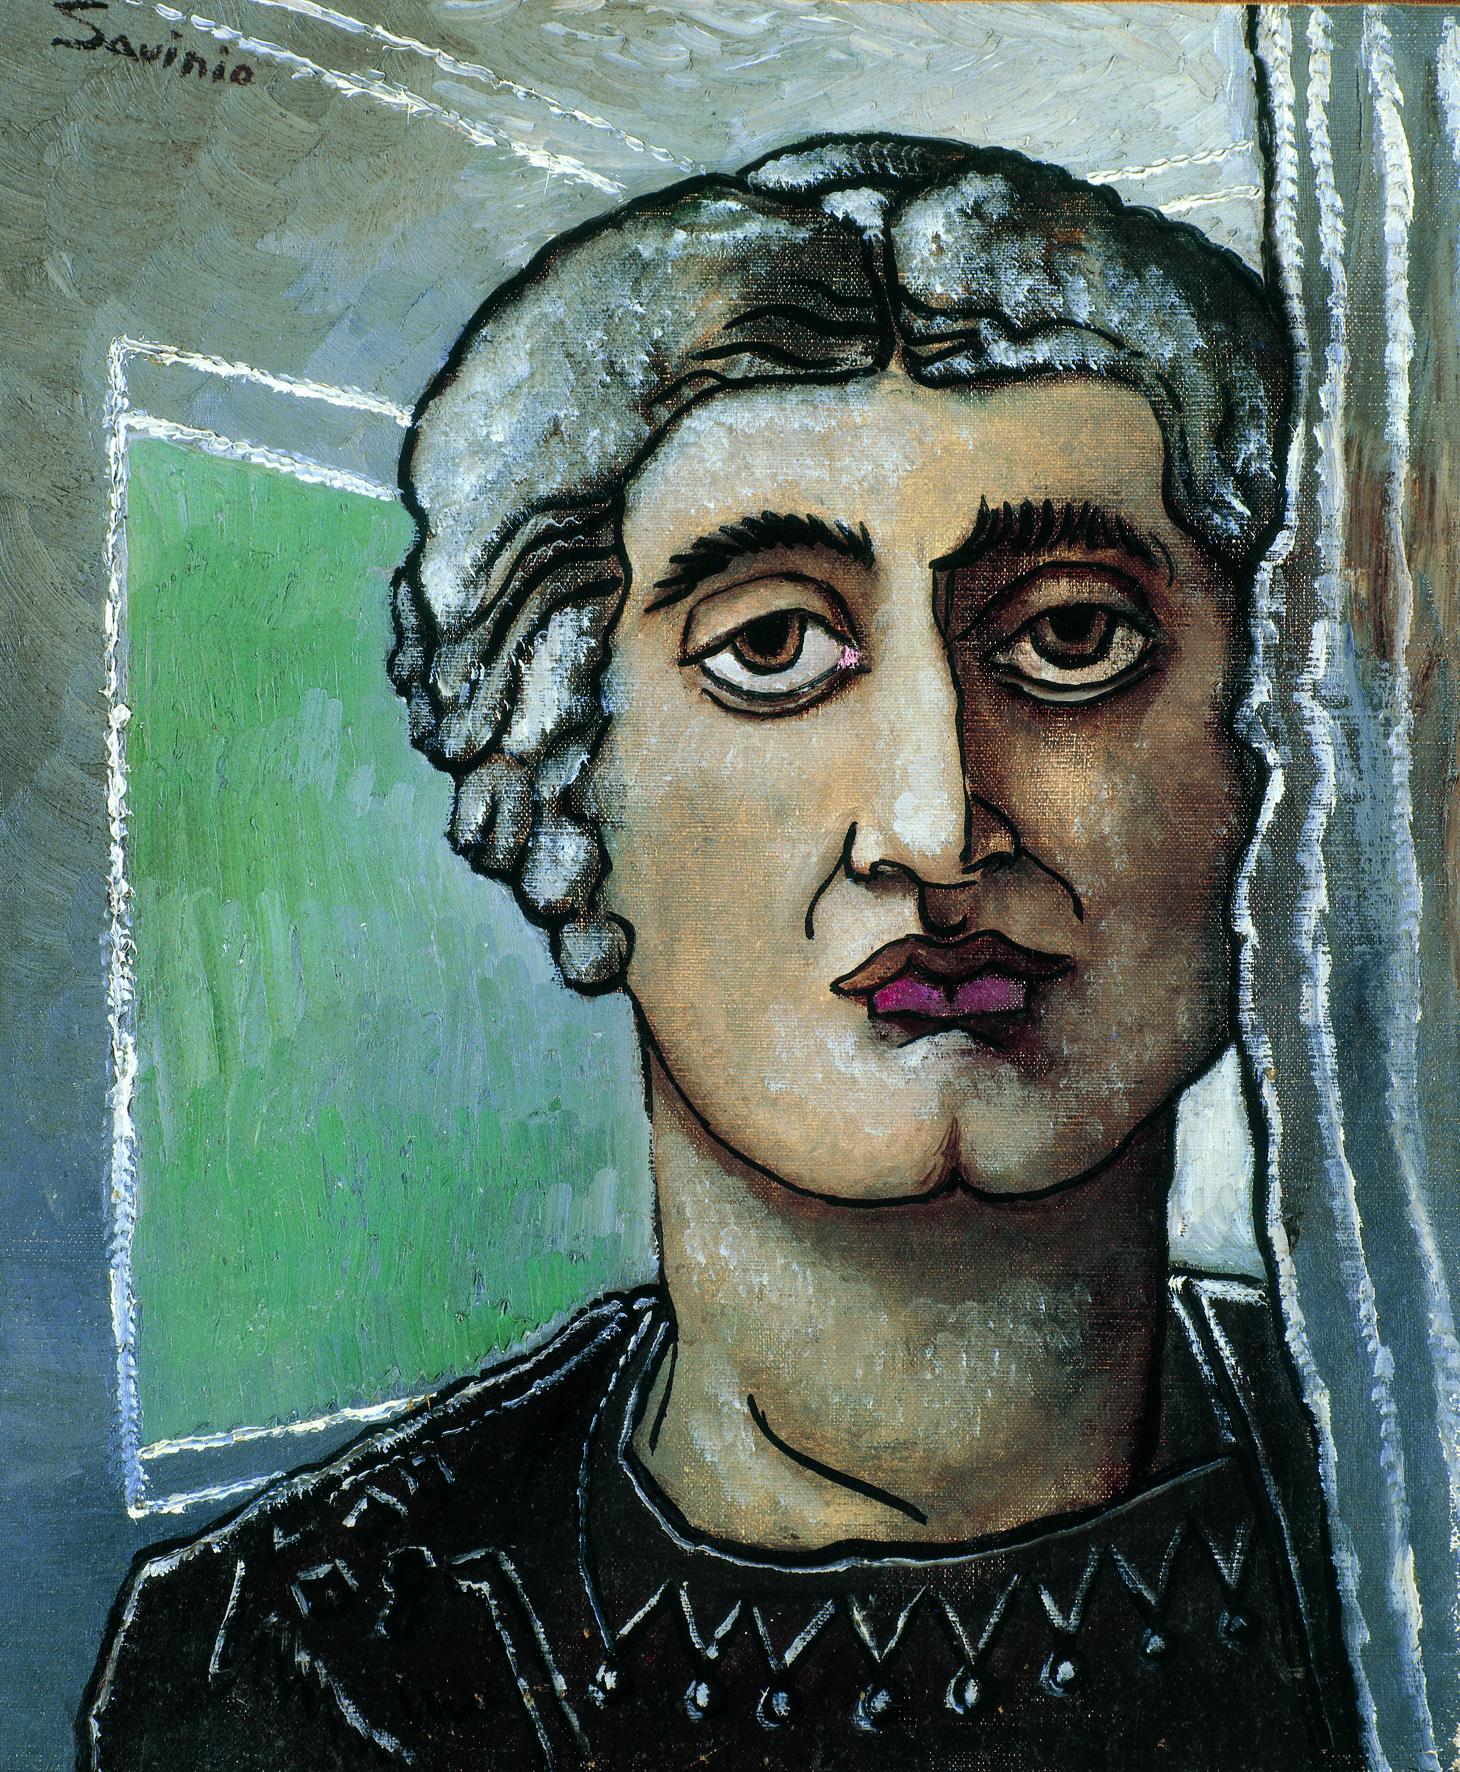 Alberto Savinio, Apollinaire. Tête antique, 1927, olio su tela, cm 55,5x46,5. Collezione privata. Courtesy Galleria dello Scudo, Verona